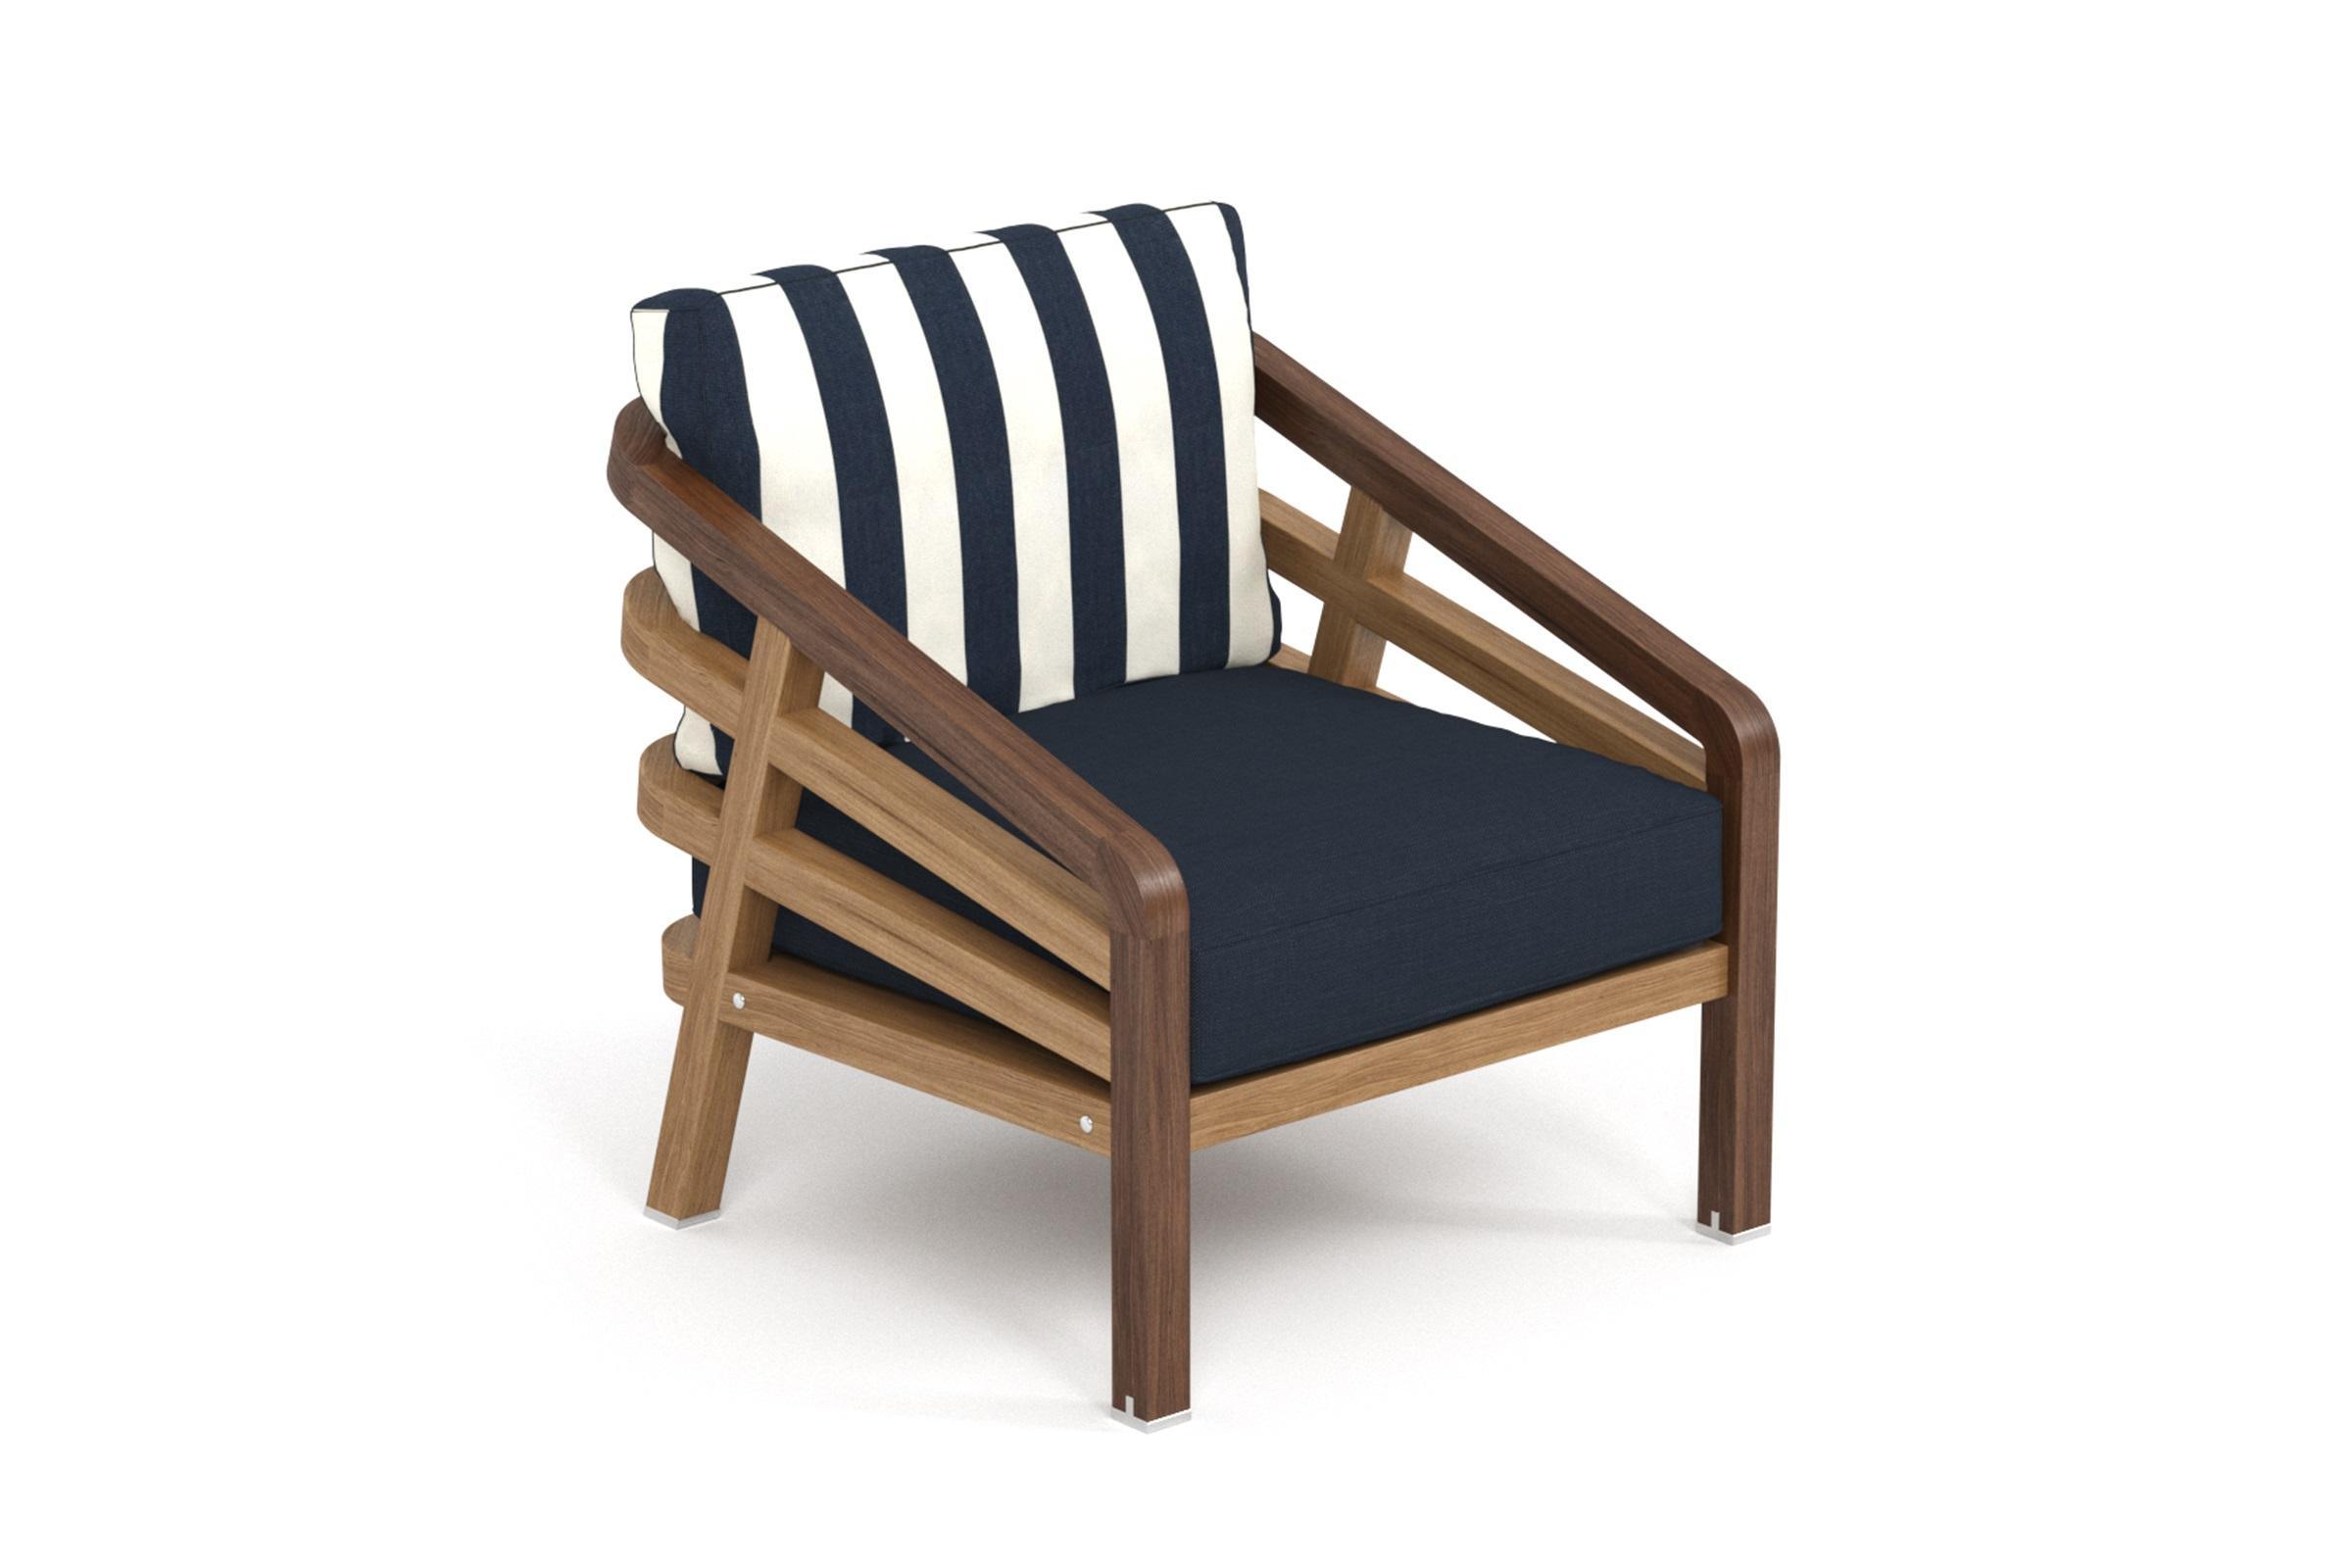 Кресло LagoonКресла для сада<br>&amp;lt;div&amp;gt;Коллекция LAGOON – коллекция, предназначенная для обустройства тихого уединенного места, в котором можно полностью расслабиться и забыть о суете. Дизайн продуман так, чтобы можно было выбрать множество вариаций для отдыха: загорать на шезлонге или расположиться на удобном диване, подремать в кресле или понежиться на кушетке.&amp;amp;nbsp;&amp;lt;/div&amp;gt;&amp;lt;div&amp;gt;Высота посадки:420мм.&amp;amp;nbsp;&amp;lt;/div&amp;gt;&amp;lt;div&amp;gt;&amp;lt;br&amp;gt;&amp;lt;/div&amp;gt;&amp;lt;div&amp;gt;Тик – прочная и твердая древесина, относится к ценным породам. Имеет темно-золотистый цвет и сохраняет его на протяжении очень длительного срока. Со временем приобретает благородный темно-серый или темно-коричневый цвет. Благодаря высокому содержанию природных масел, обладает высокой стойкостью против гниения, кислот и щелочей, не вызывает коррозию металлов. Тик содержит кислоты кремния и танина, придающие материалу стойкость к воздействию вредных внешних факторов. Древесина тика не подвержена воздействию термитов, не требует дополнительной антибактериальной обработки. Мебель из тика допускает круглогодичную эксплуатацию на открытом воздухе, выдерживает перепады температур от –30 до +30С. Срок службы более 25 лет.&amp;lt;/div&amp;gt;&amp;lt;div&amp;gt;&amp;lt;br&amp;gt;&amp;lt;/div&amp;gt;&amp;lt;div&amp;gt;Sunbrella® – акриловая ткань с водоотталкивающими свойствами от мирового лидера в производстве тканей для яхт.&amp;lt;/div&amp;gt;&amp;lt;div&amp;gt;&amp;lt;br&amp;gt;&amp;lt;/div&amp;gt;<br><br>&amp;lt;iframe width=&amp;quot;530&amp;quot; height=&amp;quot;300&amp;quot; src=&amp;quot;https://www.youtube.com/embed/uL9Kujh07kc&amp;quot; frameborder=&amp;quot;0&amp;quot; allowfullscreen=&amp;quot;&amp;quot;&amp;gt;&amp;lt;/iframe&amp;gt;<br><br>Material: Тик<br>Ширина см: 69<br>Высота см: 83.0<br>Глубина см: 76